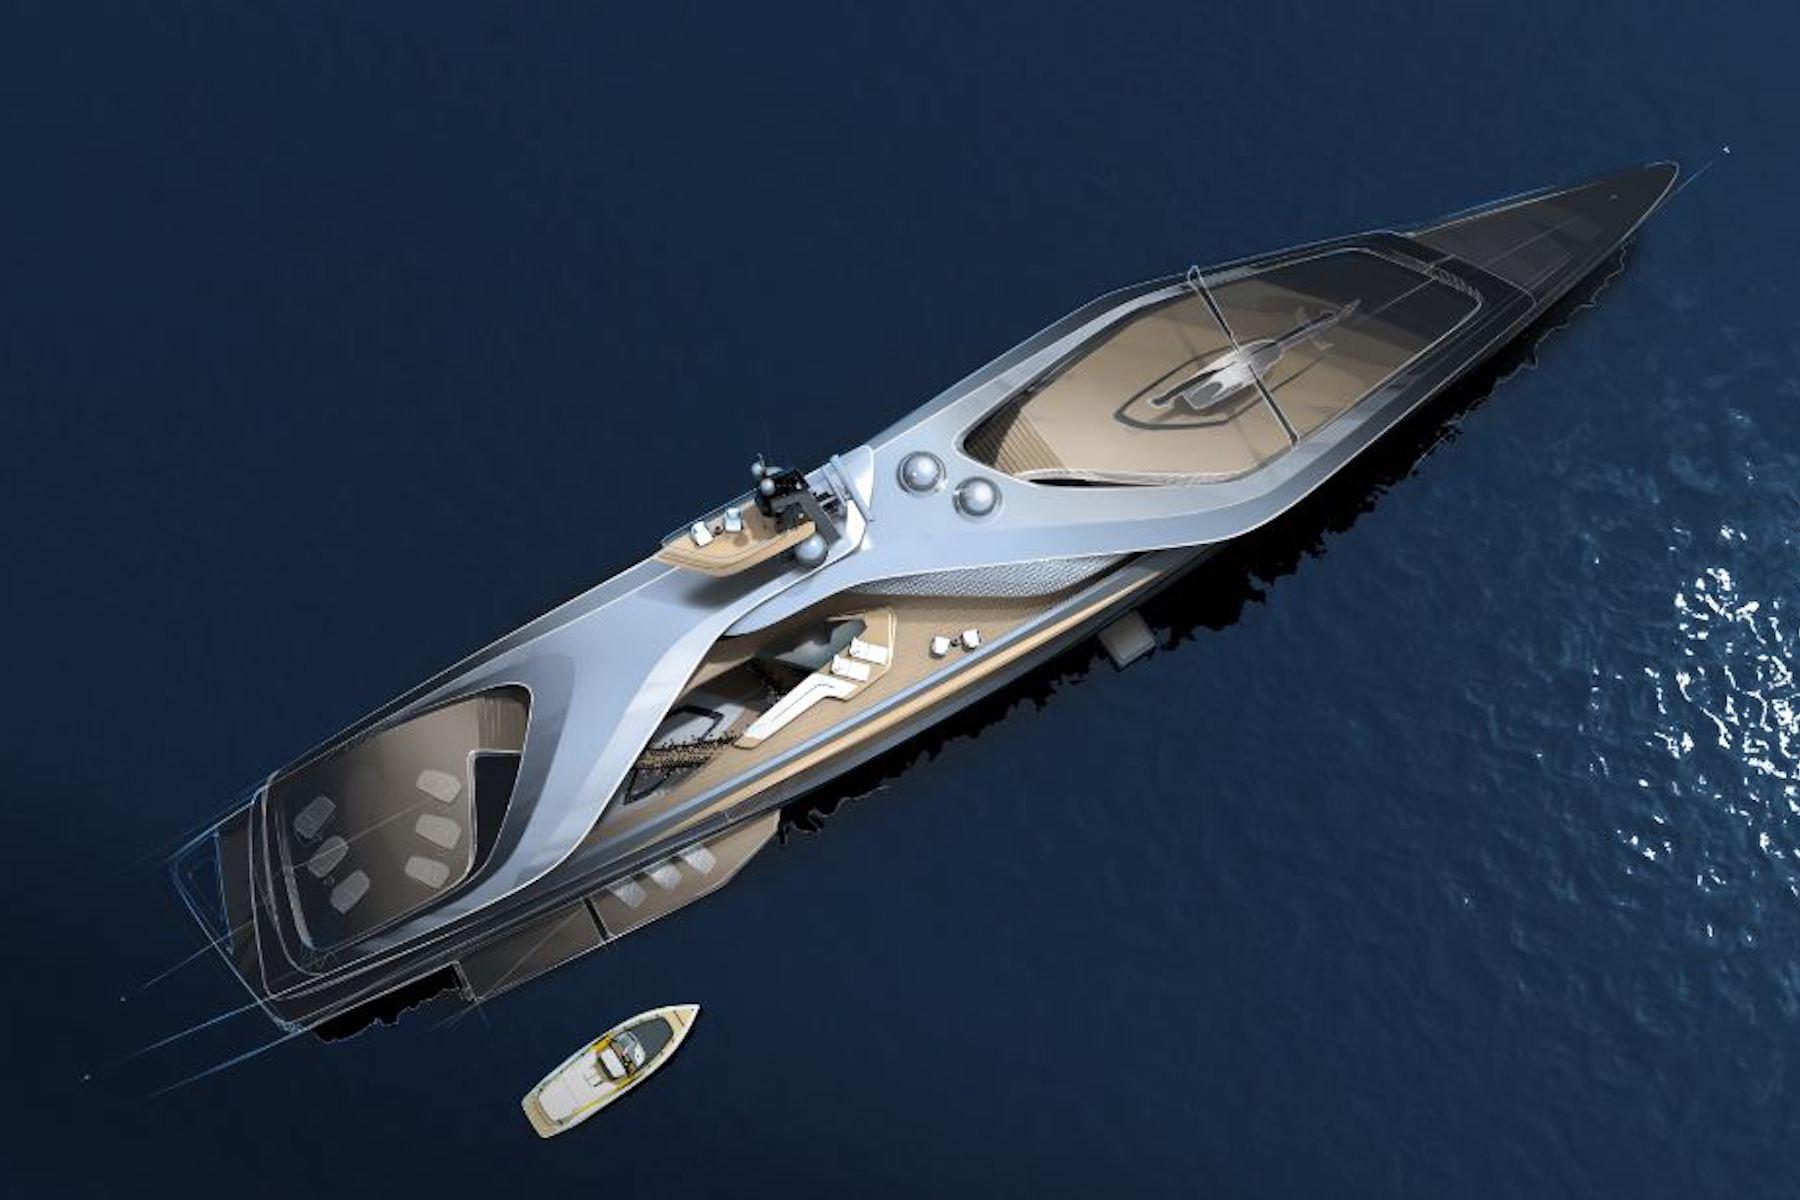 Aerial render of superyacht Kairos